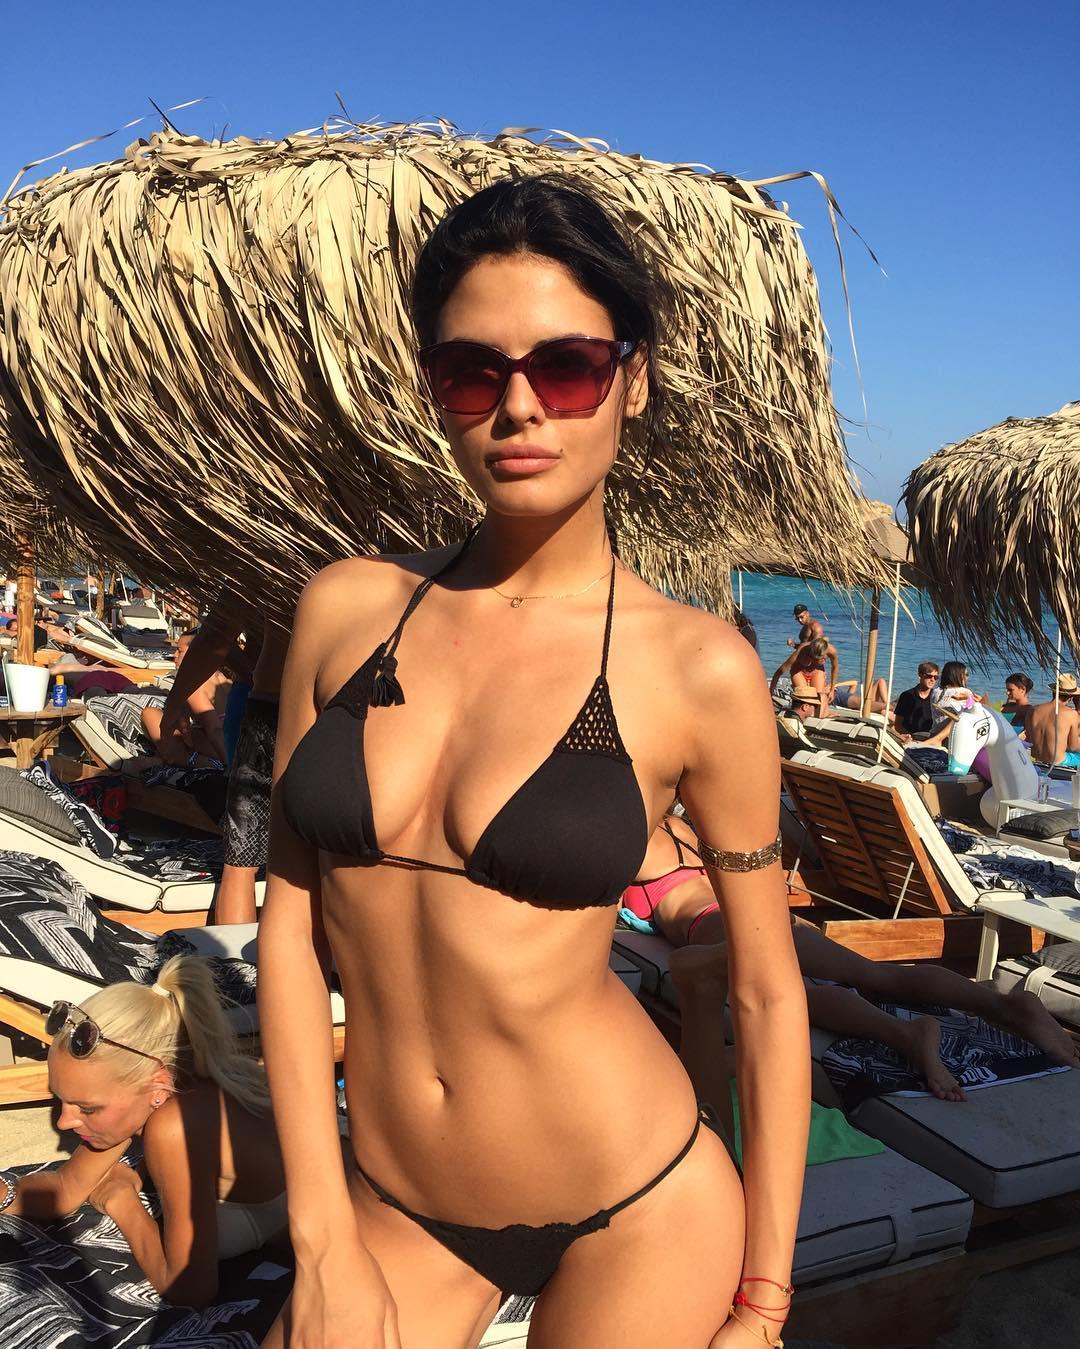 Picture of Bojana Krsmanovic